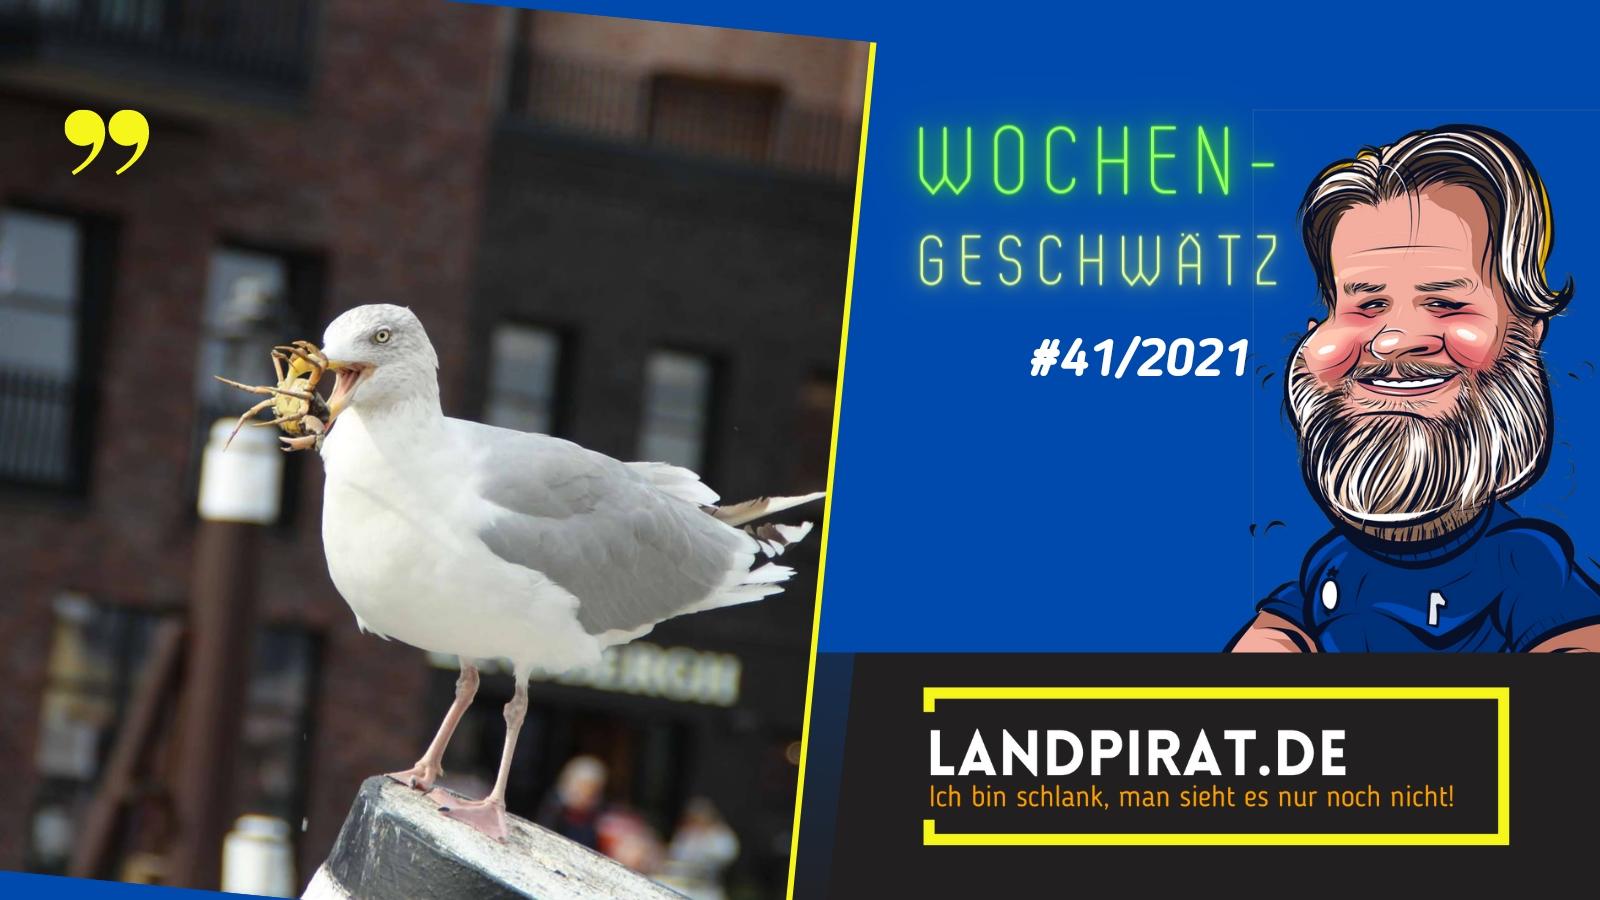 Read more about the article Wochen-Geschwätz #41/2021